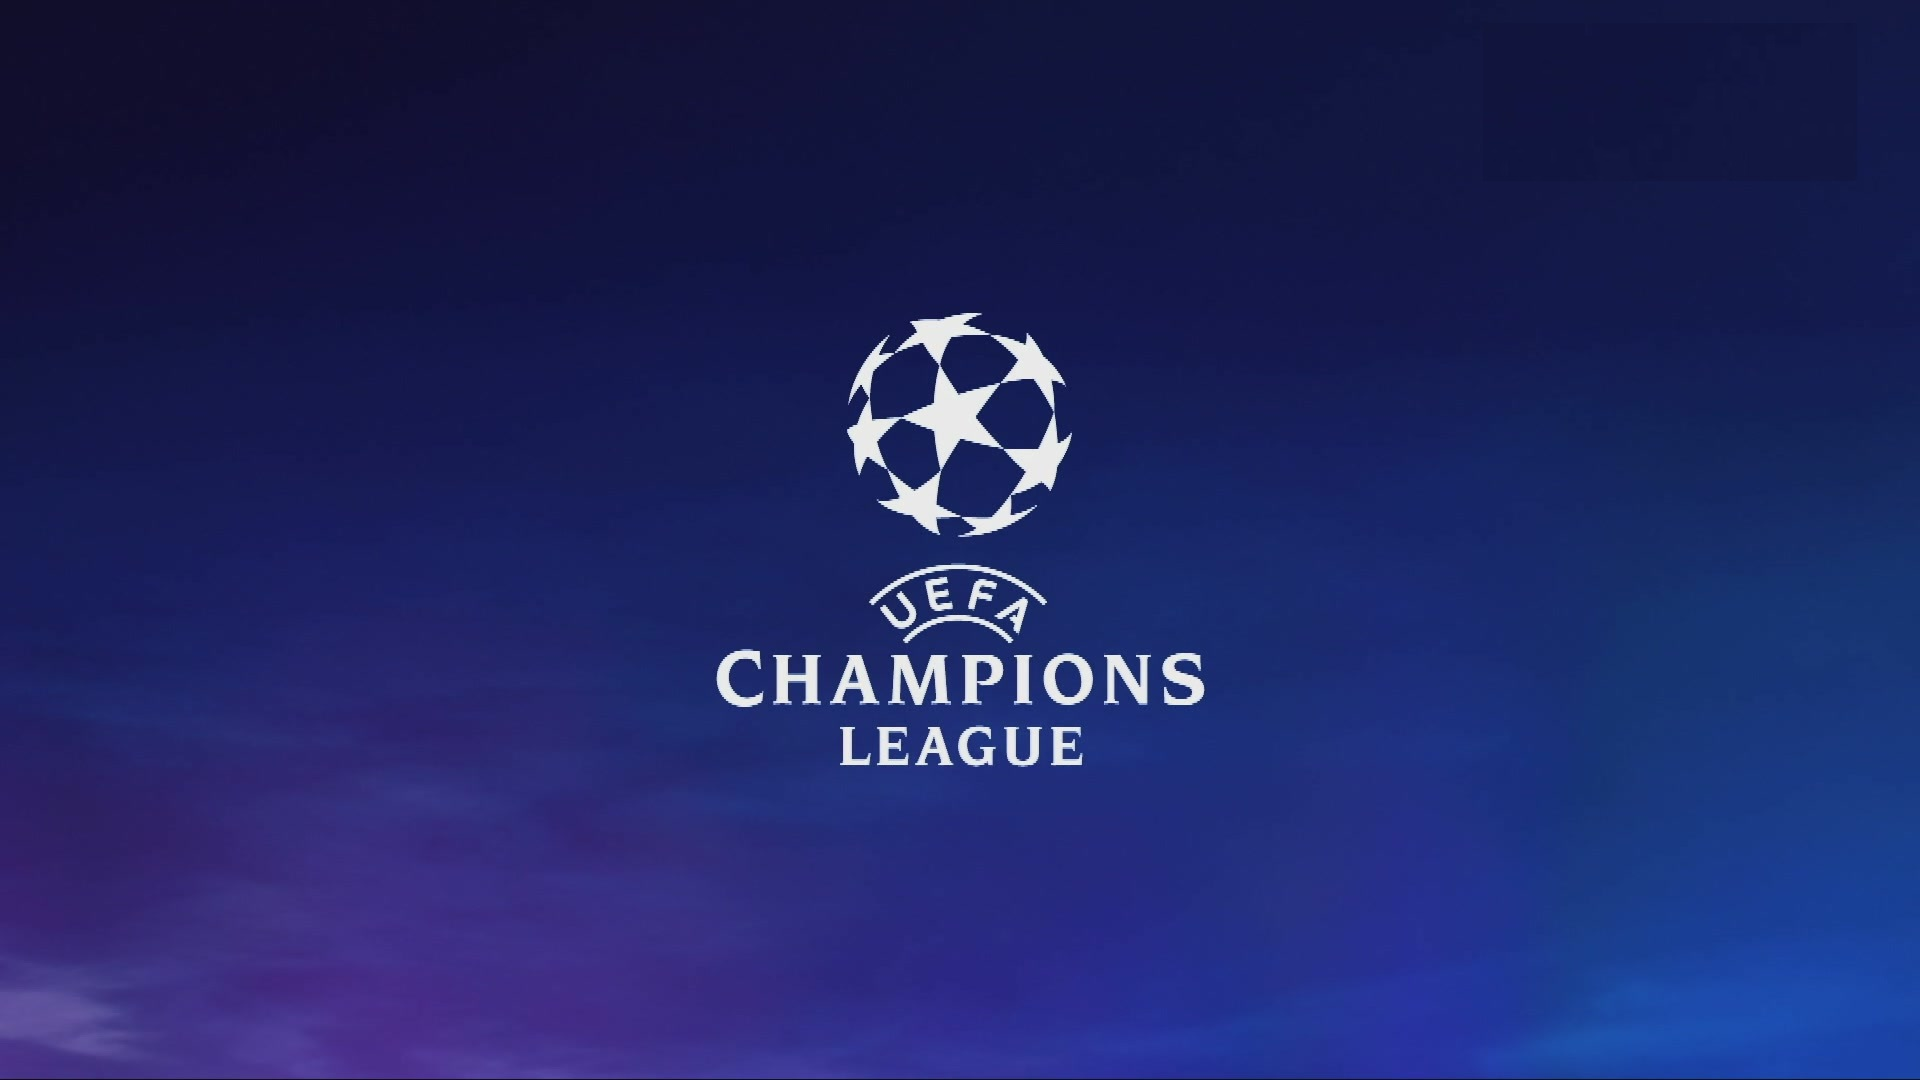 Лига Чемпионов 2020/21. Обзор матчей за 24 февраля